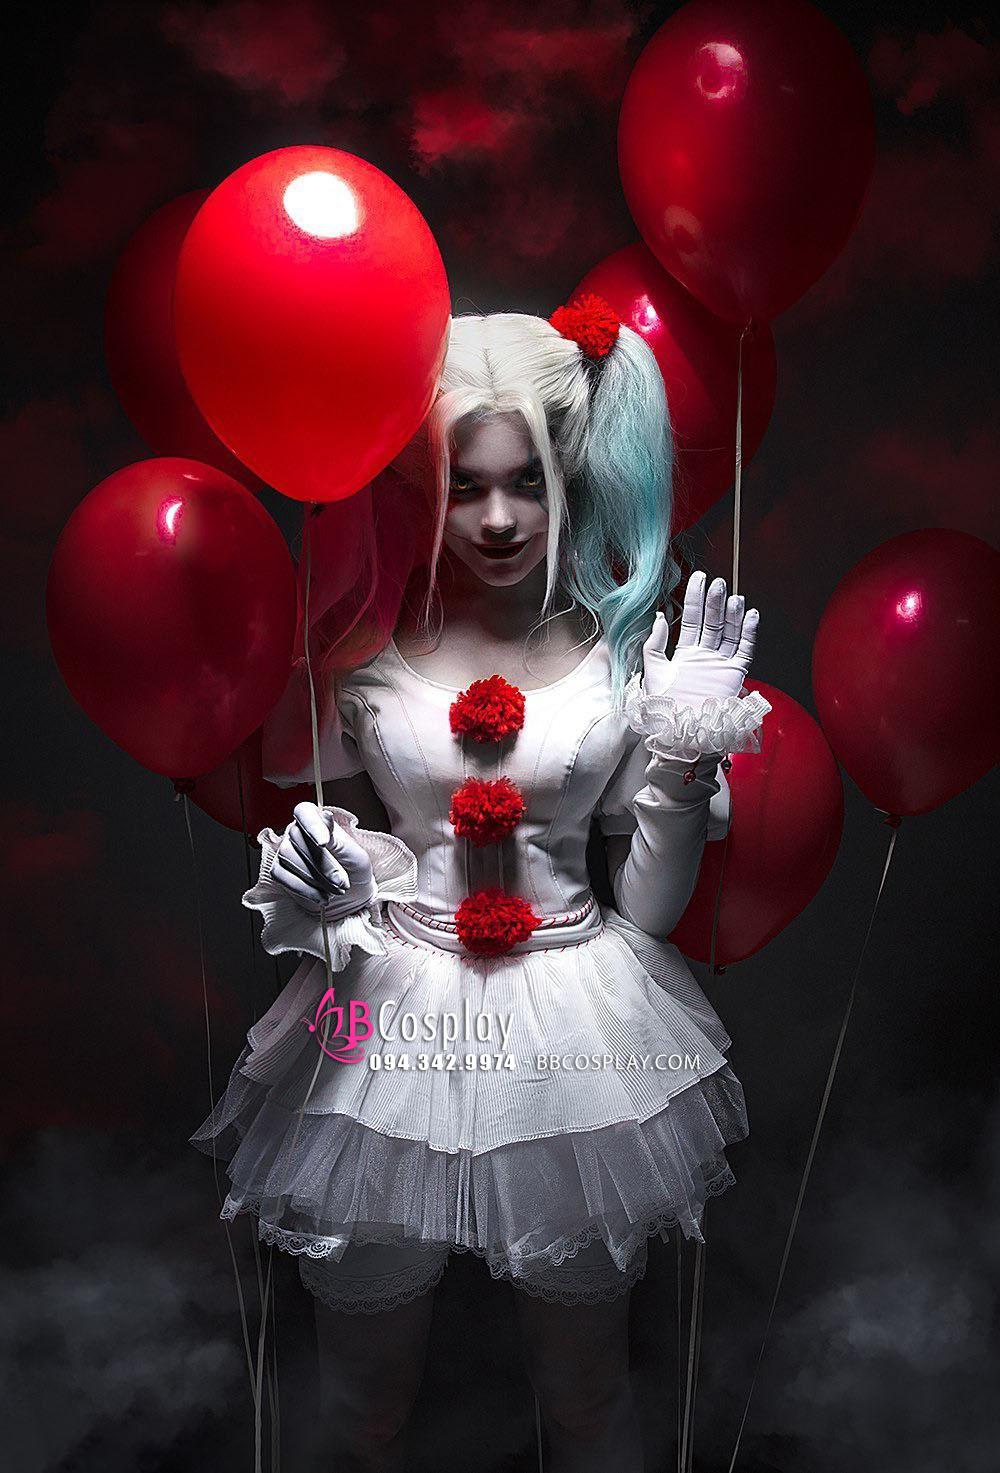 Đồ Harleywise Hề Ma Phiên Bản Nữ Harley Quinn